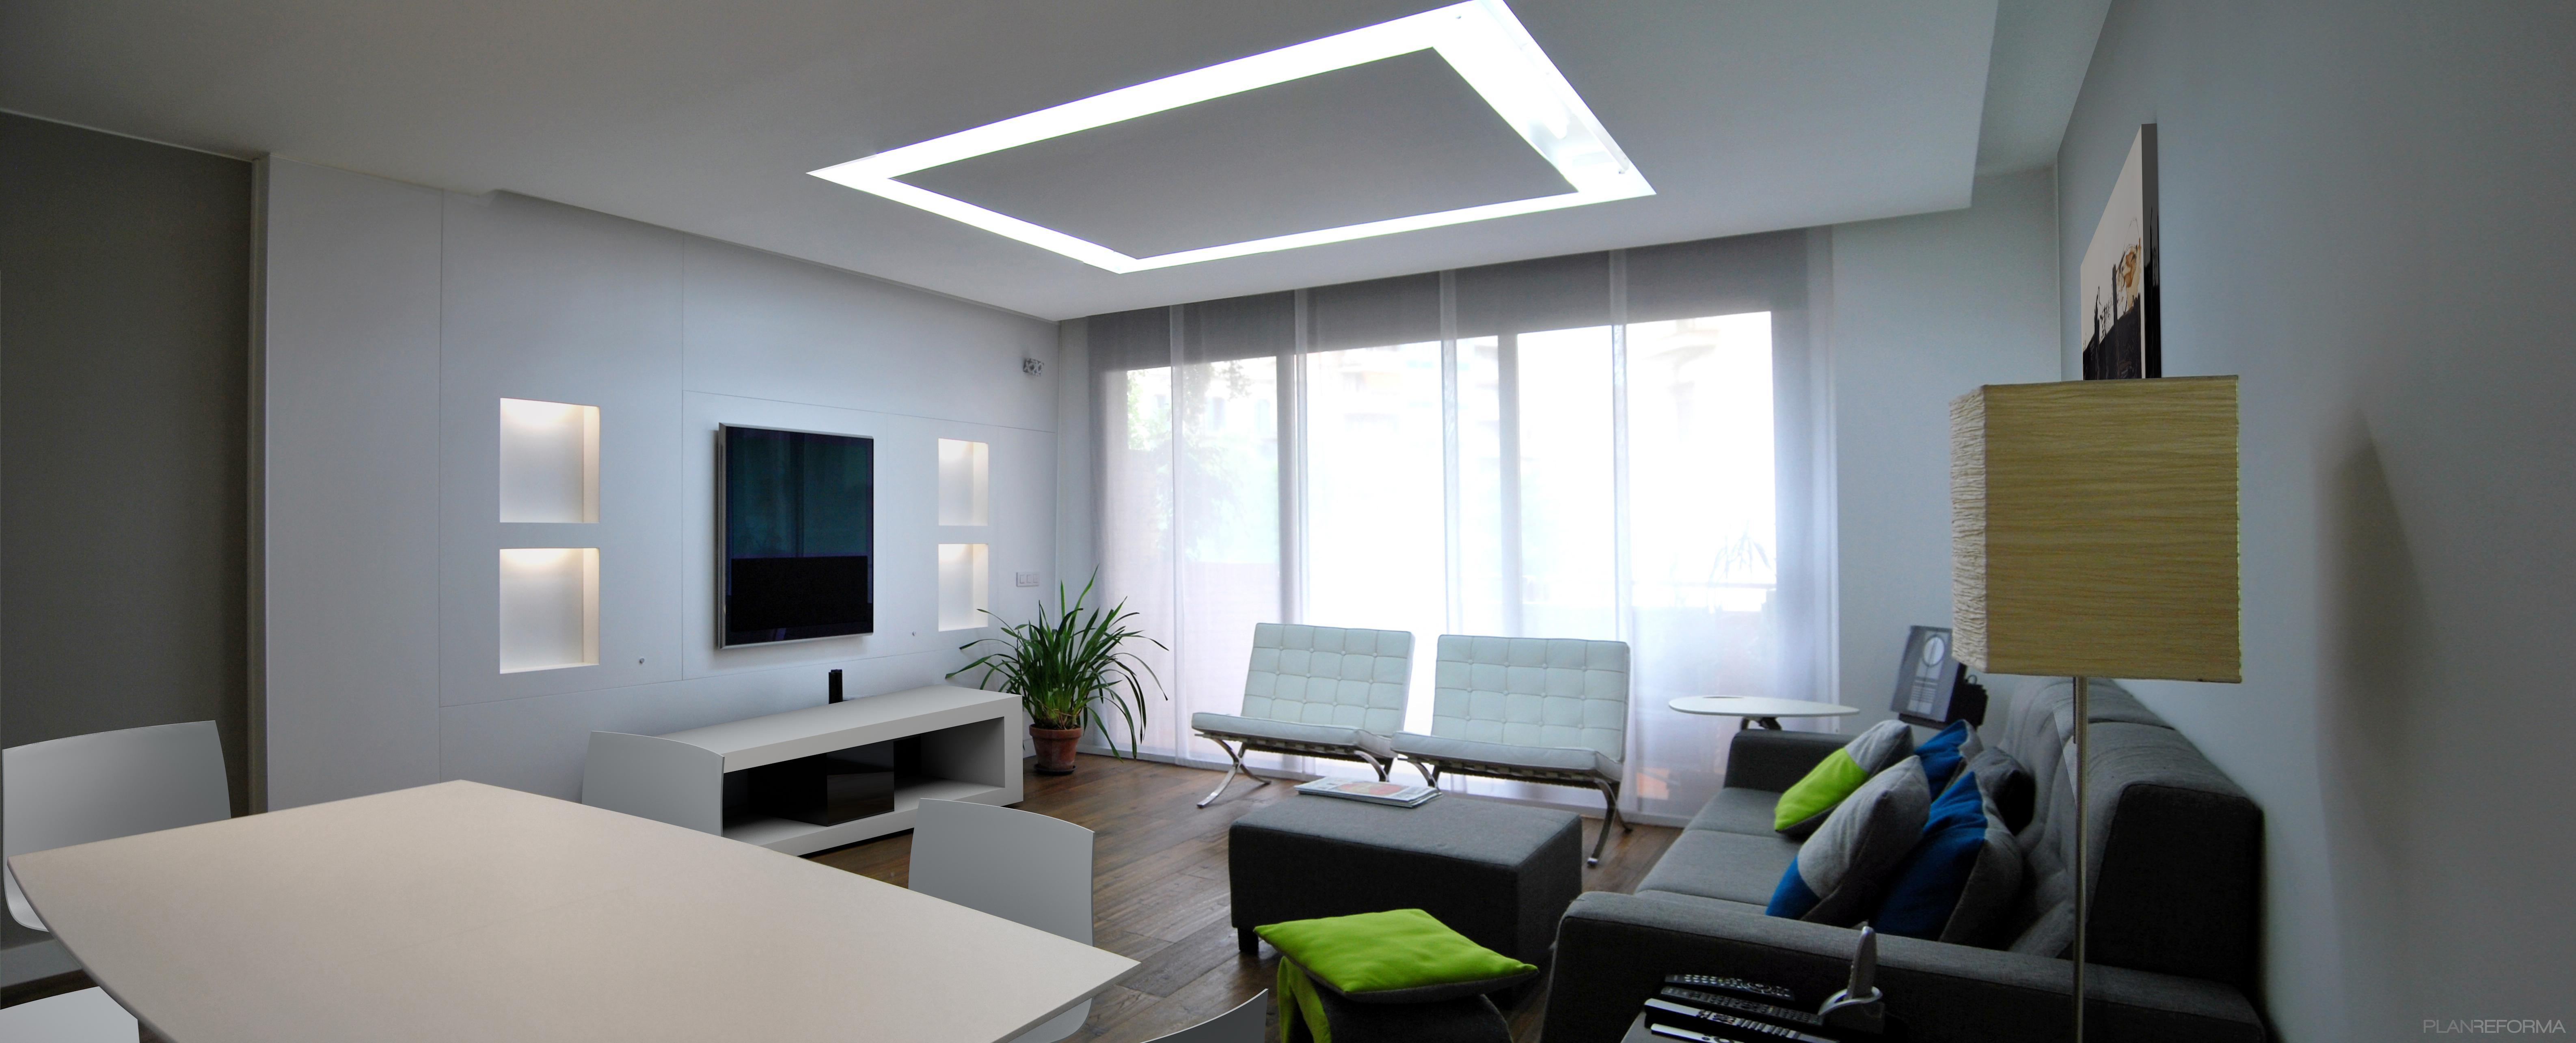 Comedor, Salon style contemporaneo color azul cielo, beige, marron, marron, blanco  diseñado por DIAGONARC   Arquitecto   Copyright todos los derechos son de DIAGONARC SCP